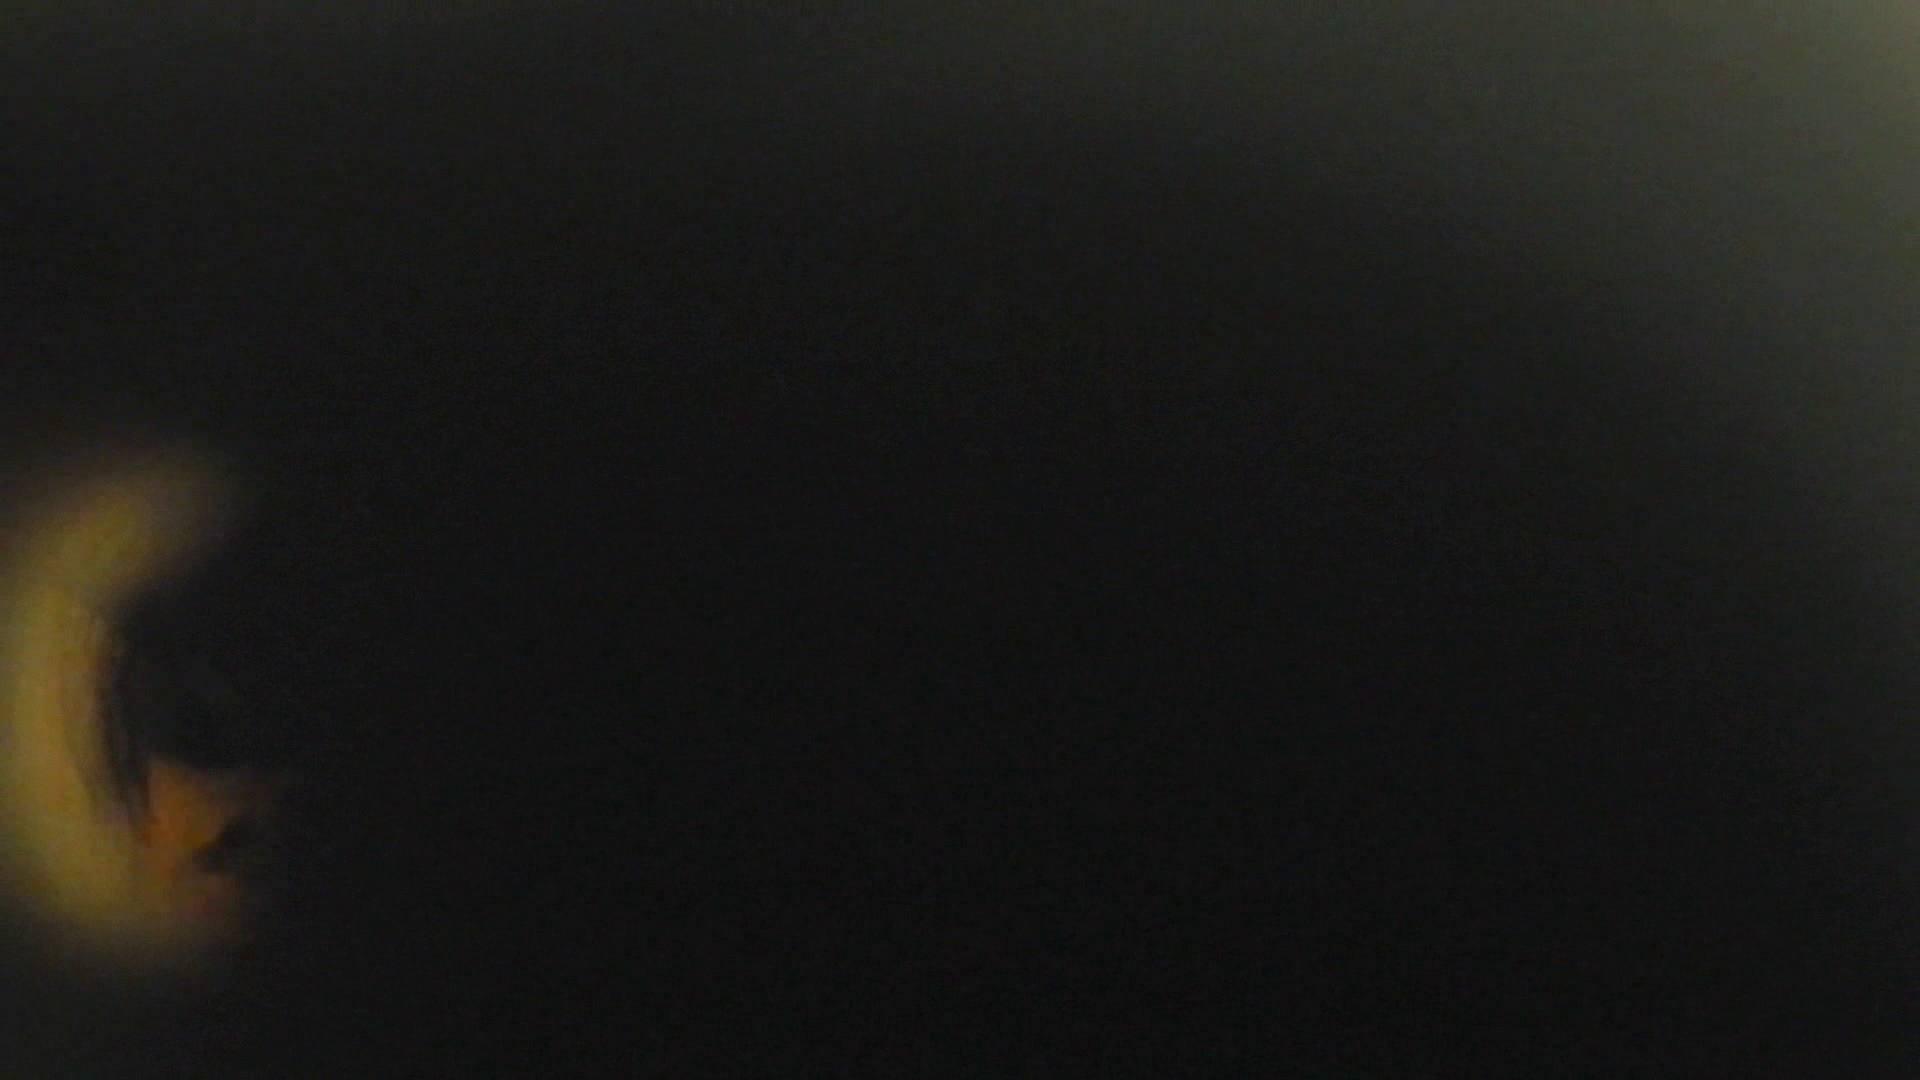 お市さんの「お尻丸出しジャンボリー」No.02 排泄隠し撮り ワレメ無修正動画無料 74pic 13